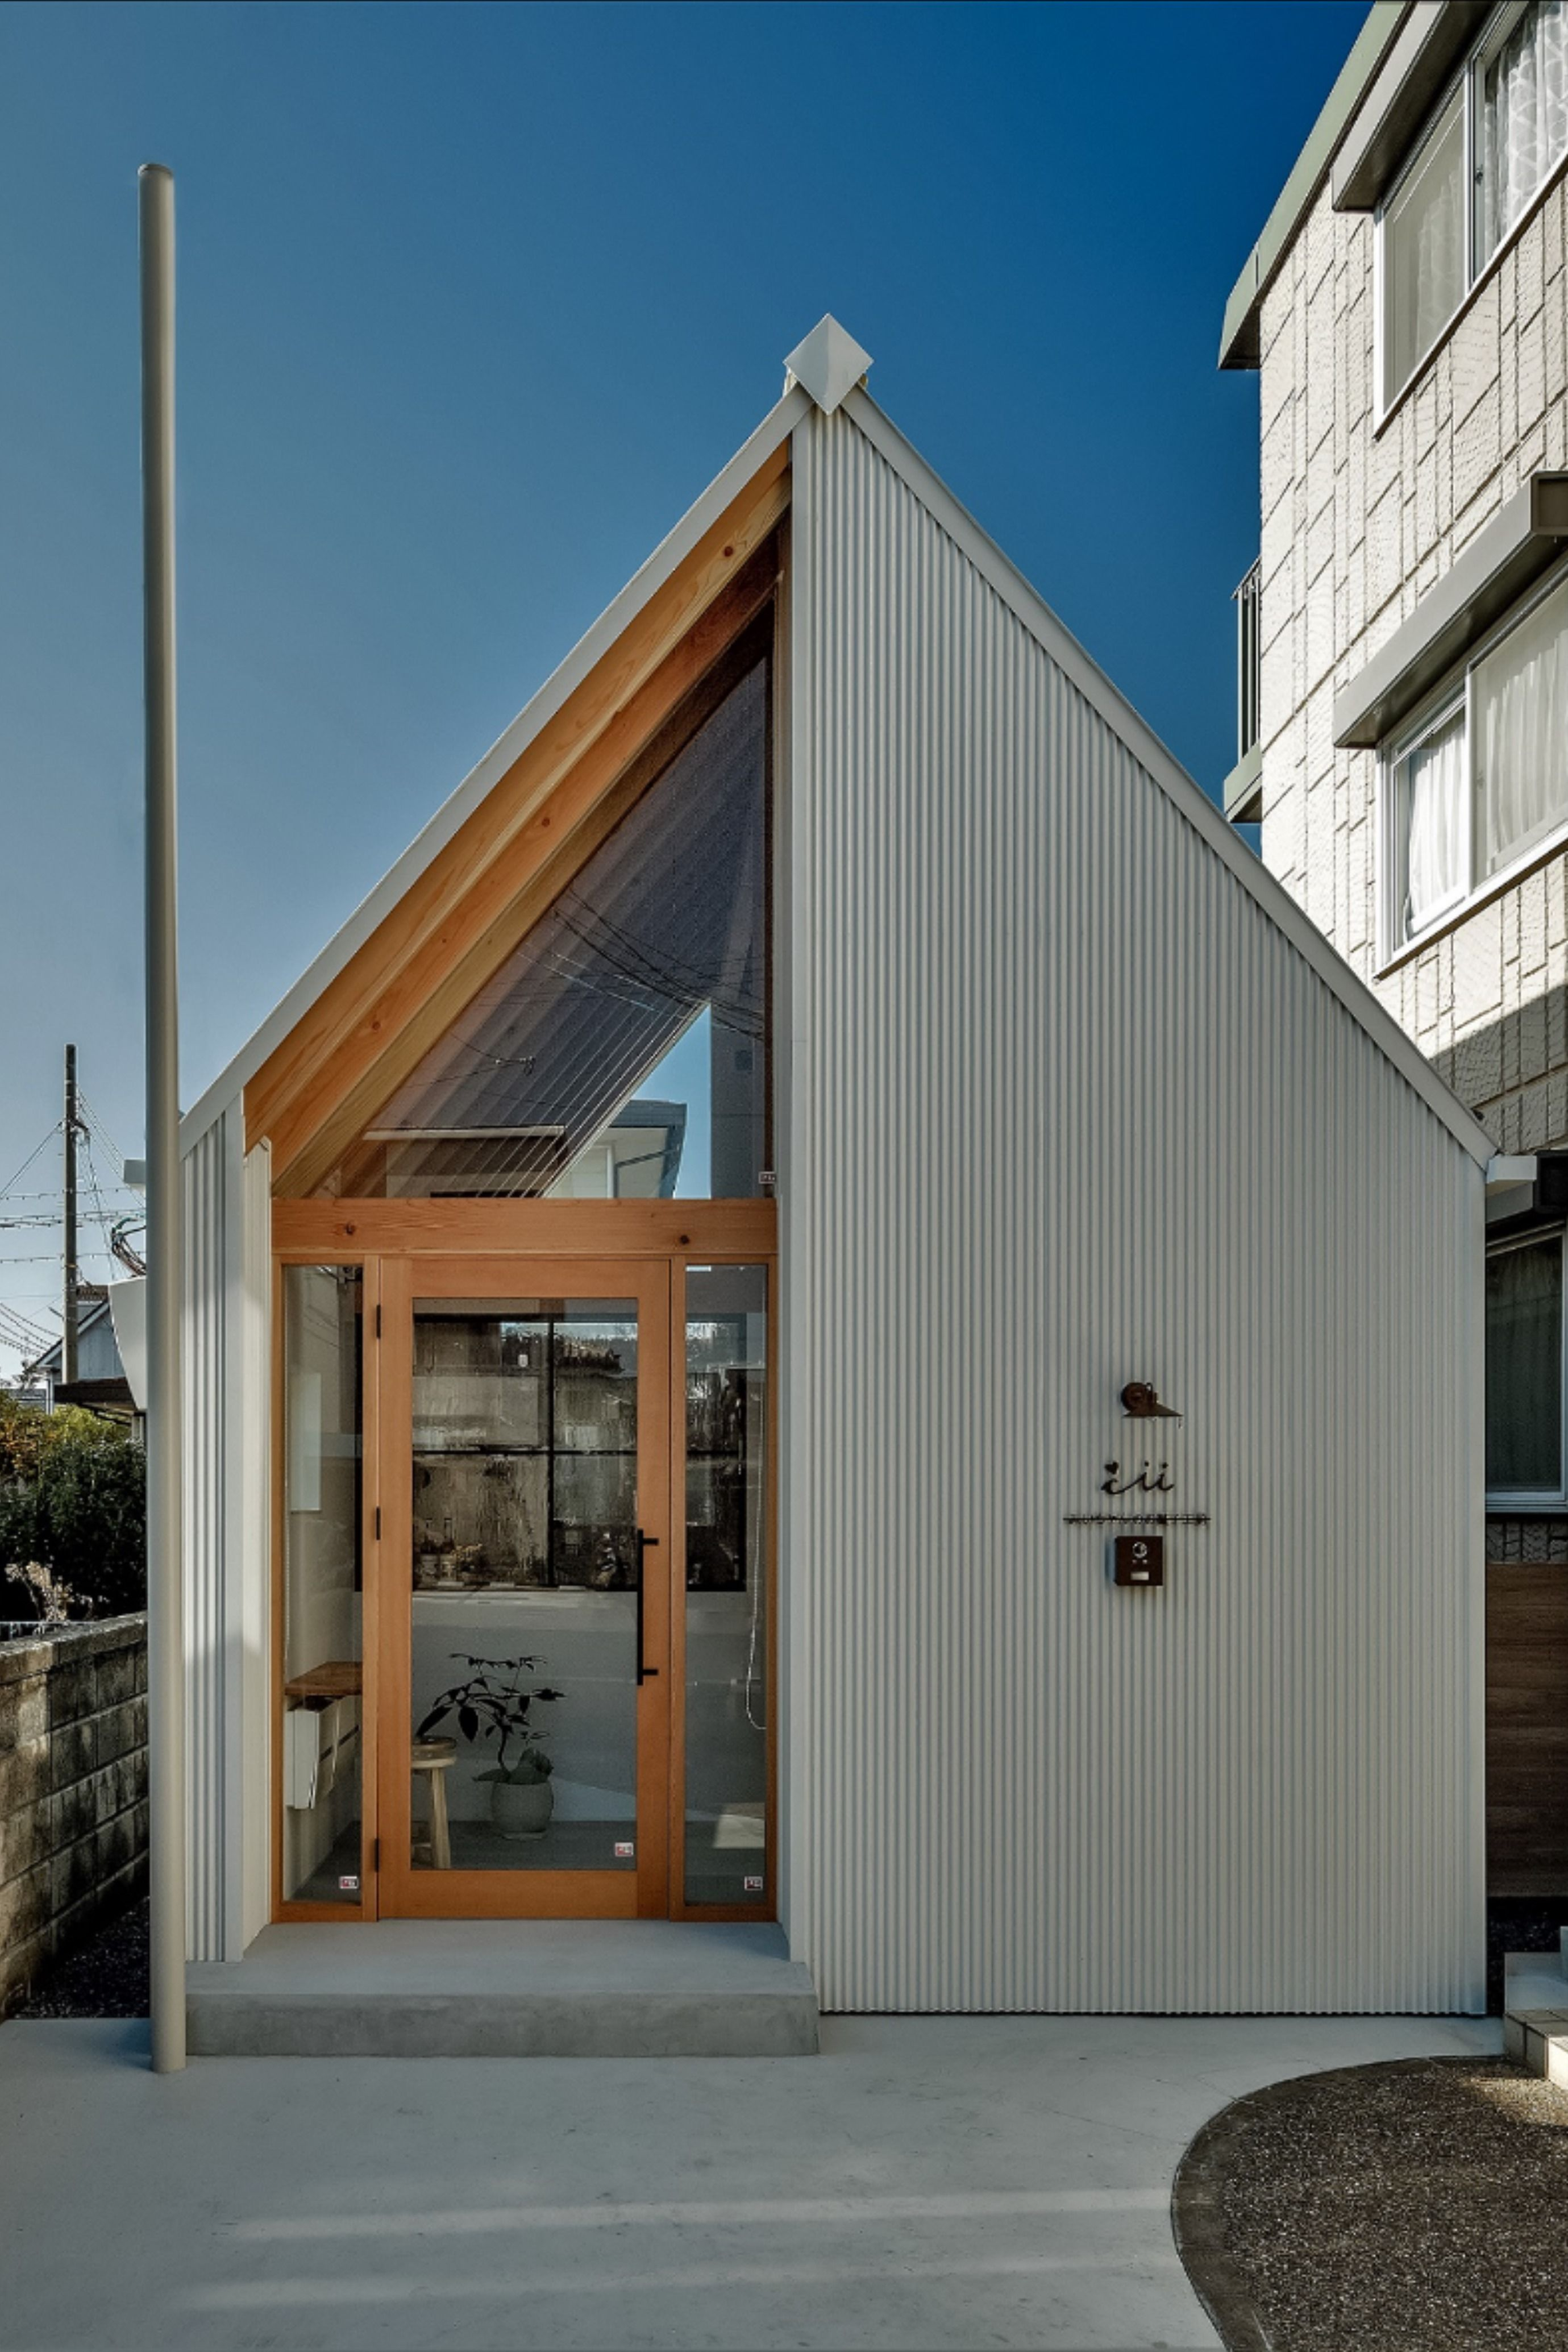 ボード とても小さな家 デザイン のピン